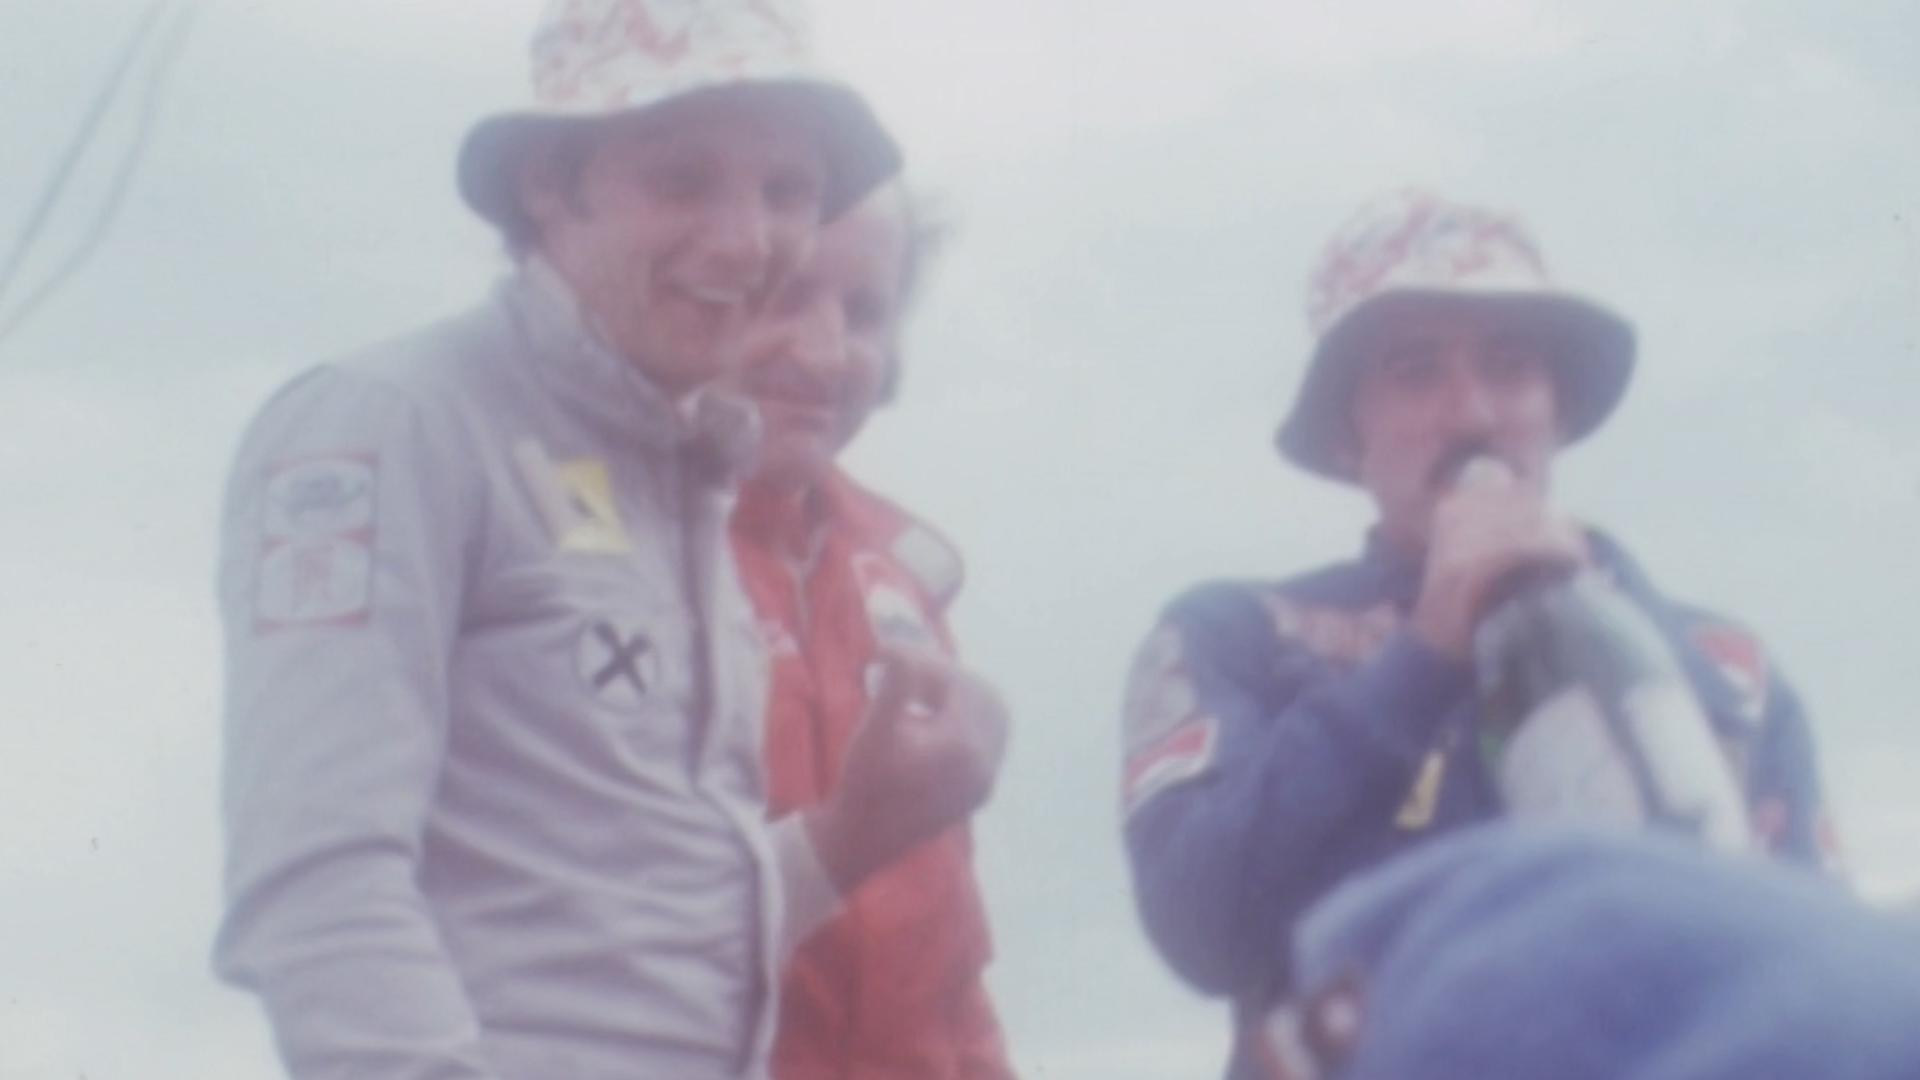 Otra imagen de Niki Lauda en Argentina en 1978, junto a los pilotos argentinos Carlos Reutemann y Ricardo Zunino